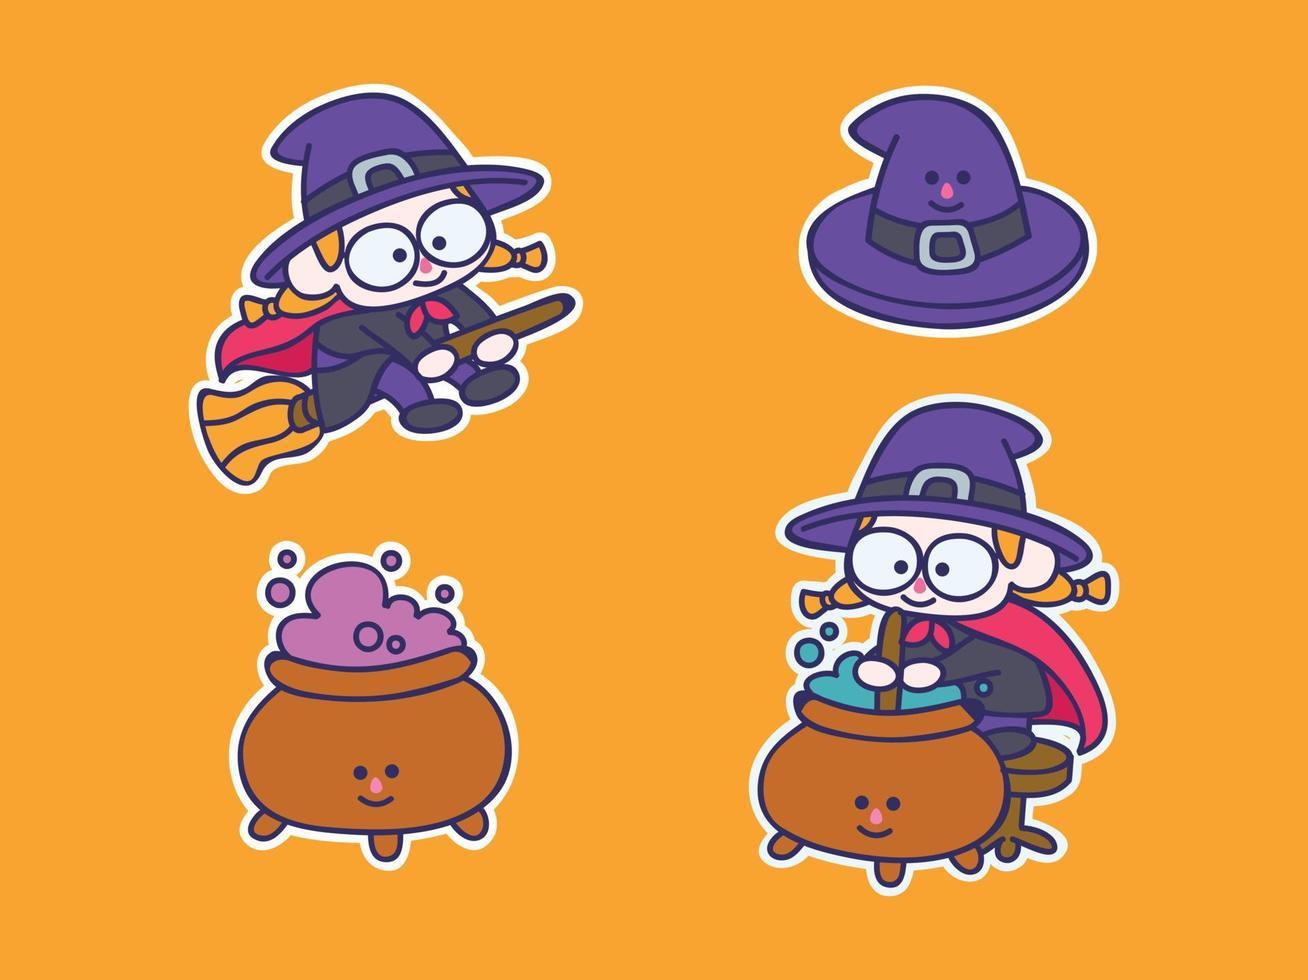 Conjunto de ilustração de adesivo de mascote de bruxa fofa e kawaii, voar na vassoura, chapéu, misturar a poção vetor